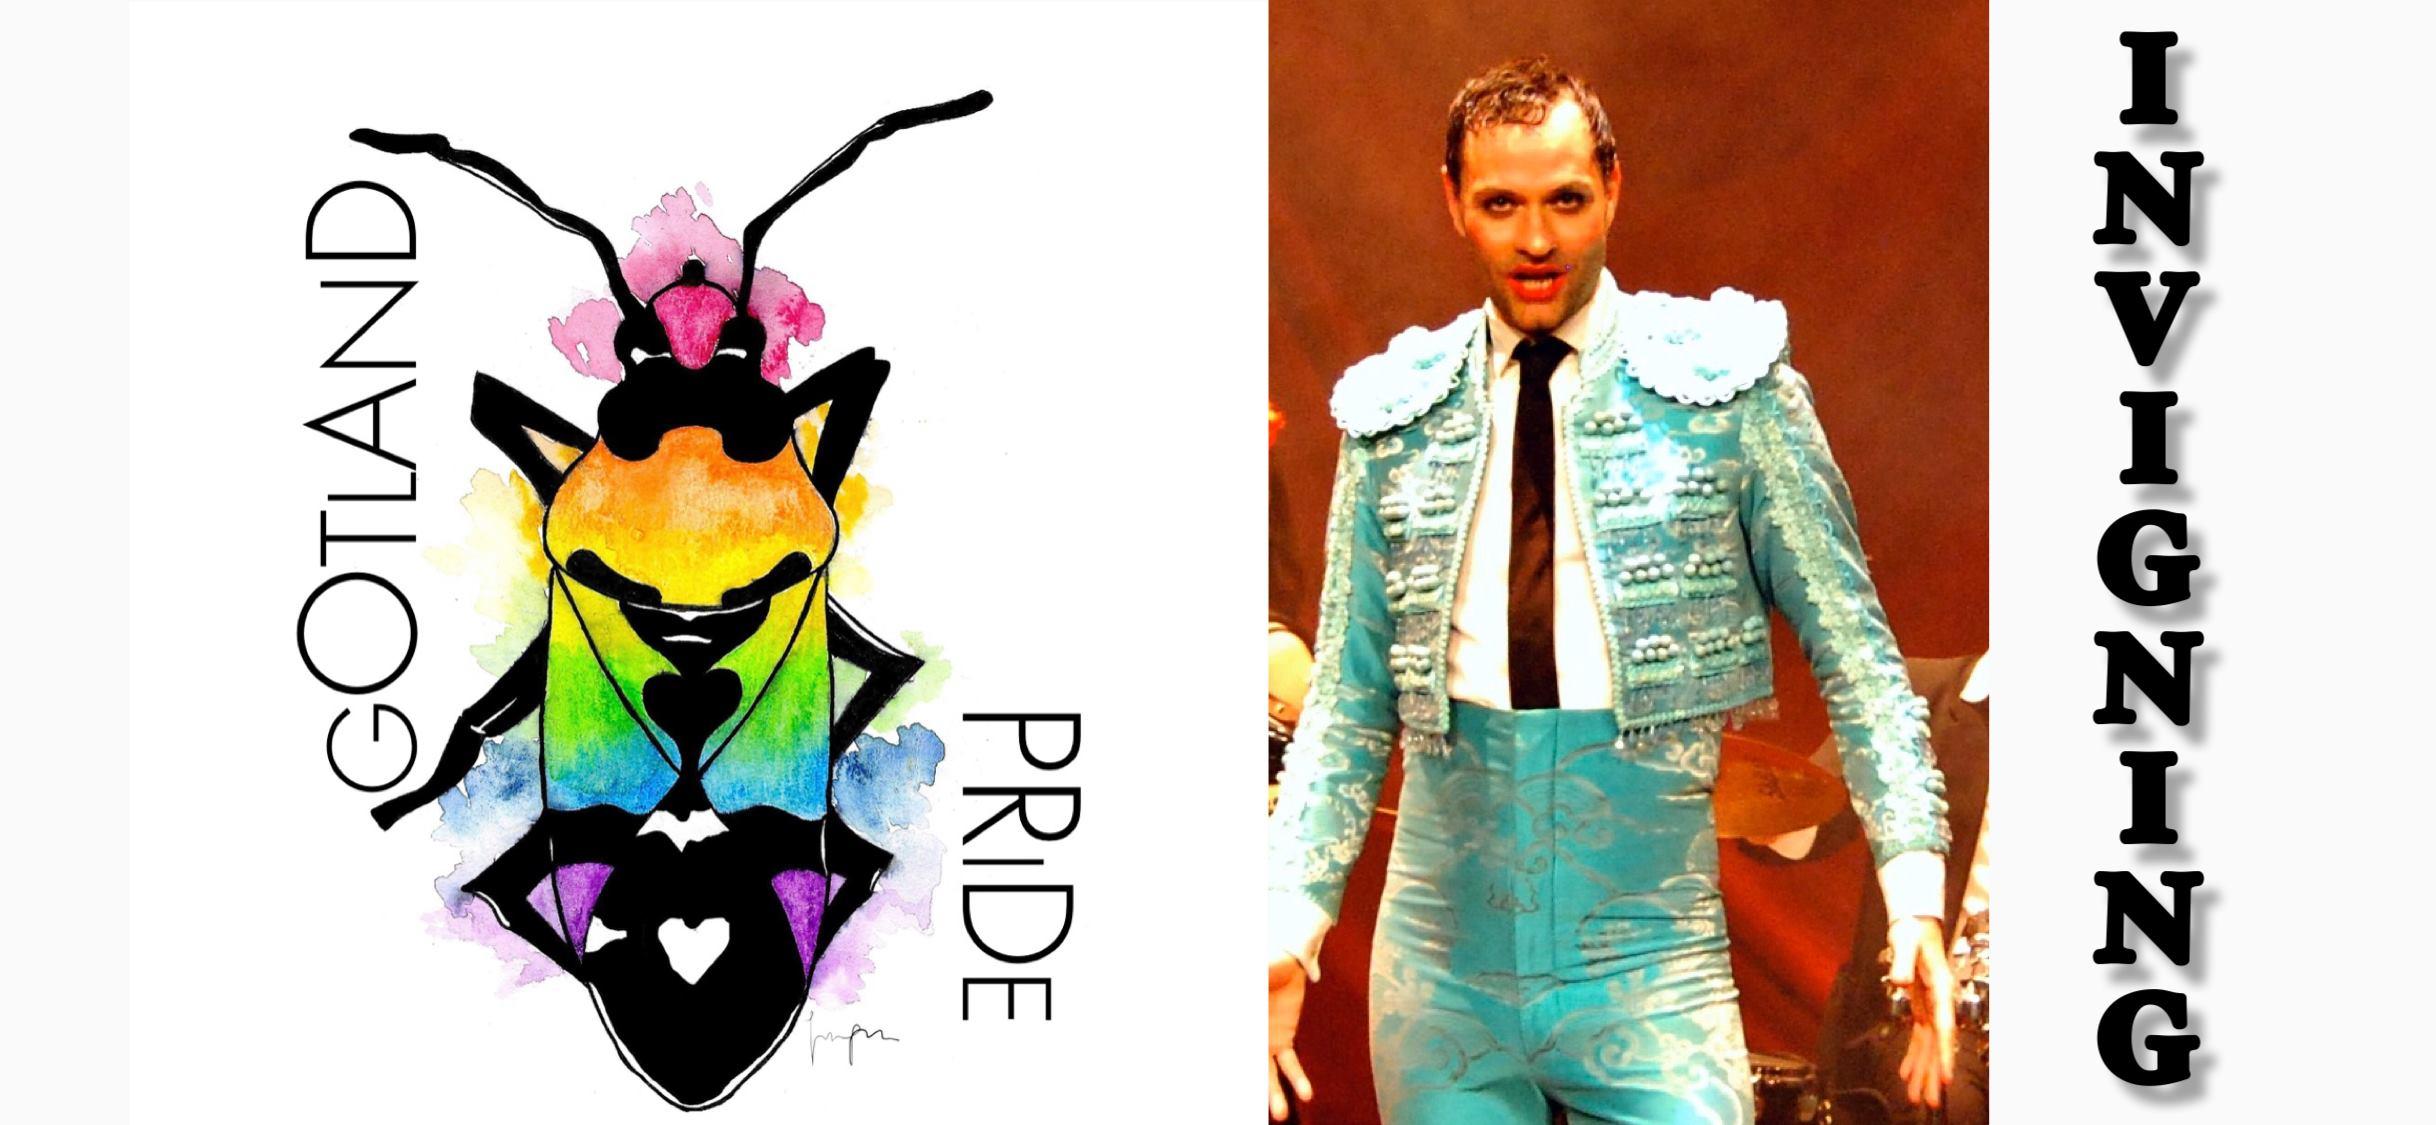 Prideinvigning 2019